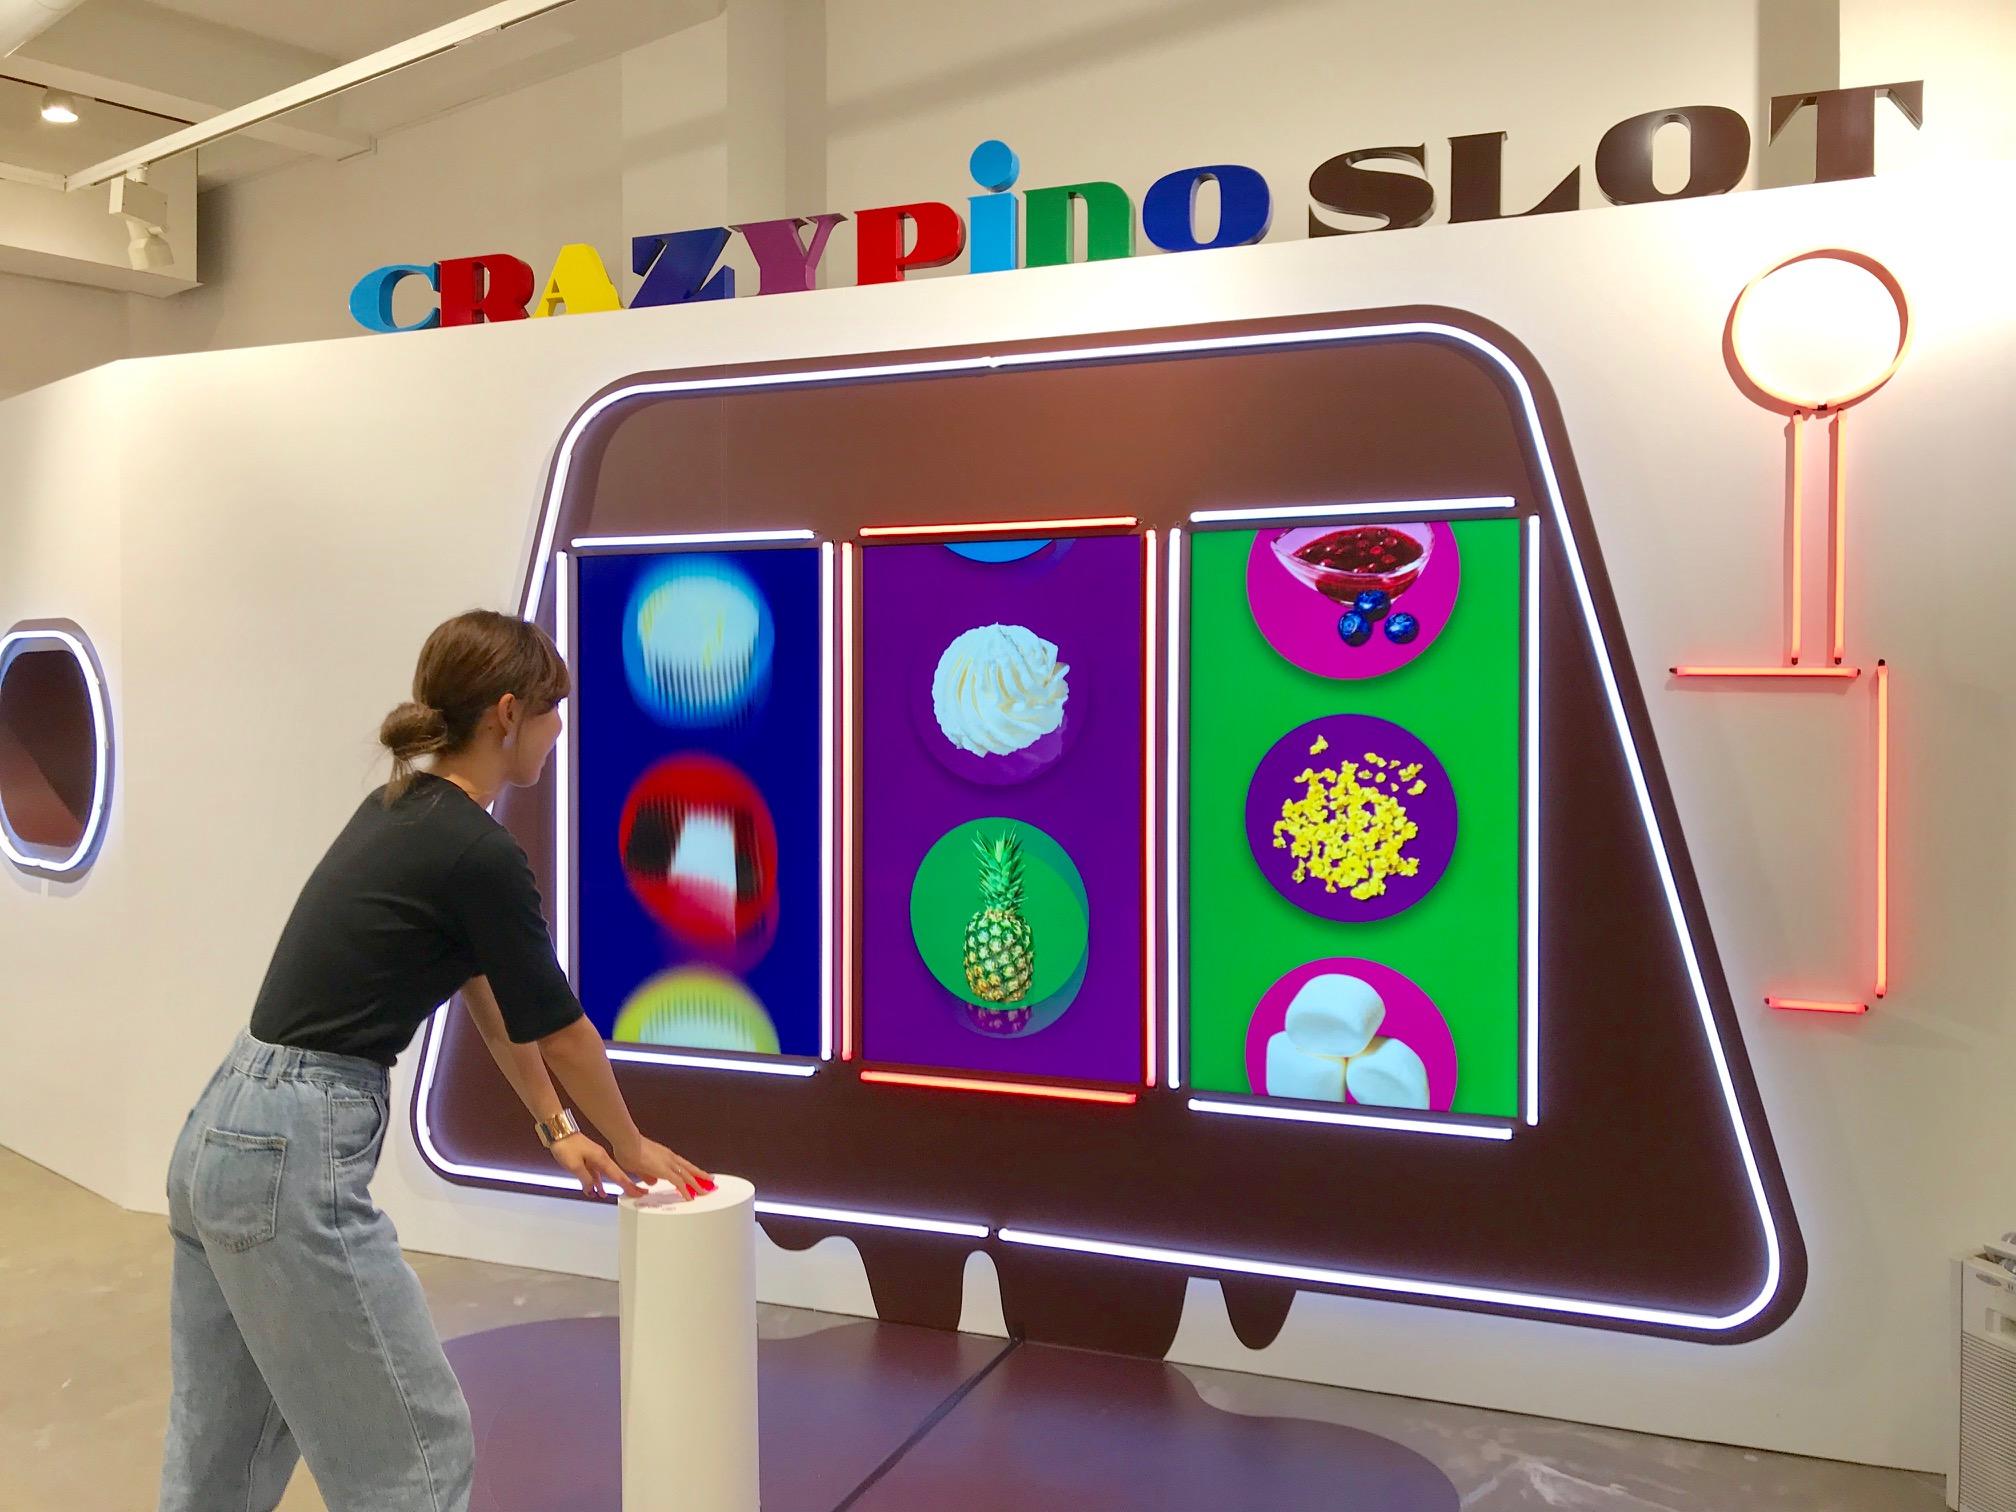 タピオカと「ピノ」を一緒に食べる!? 「ピノ」の未知の美味しさを楽しむ「CRAZYpino STUDIO」Photo Gallery_1_6